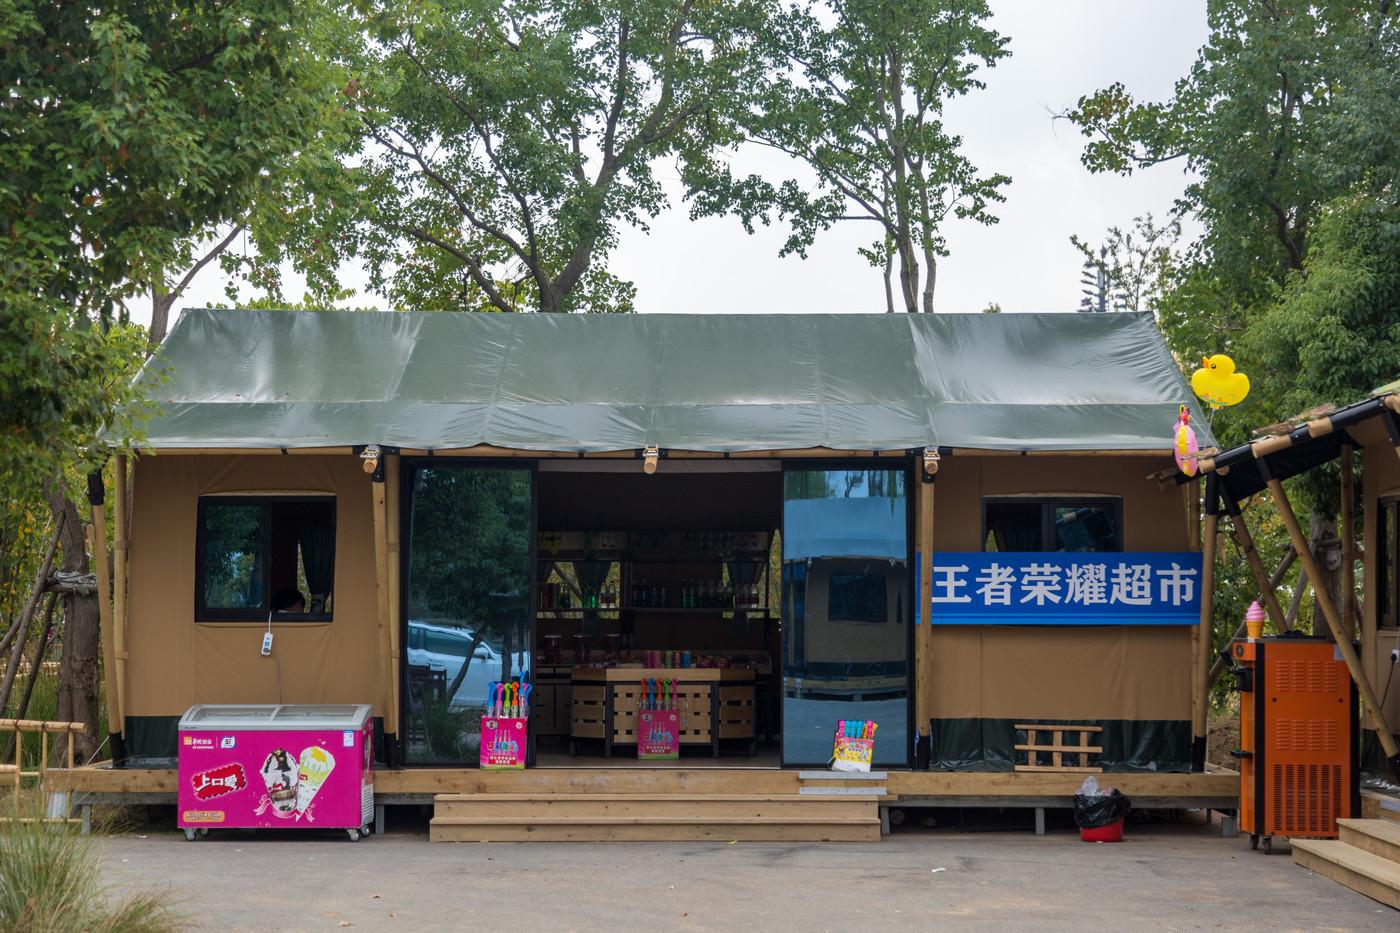 喜马拉雅野奢帐篷酒店—淮安白马湖度假区商铺13